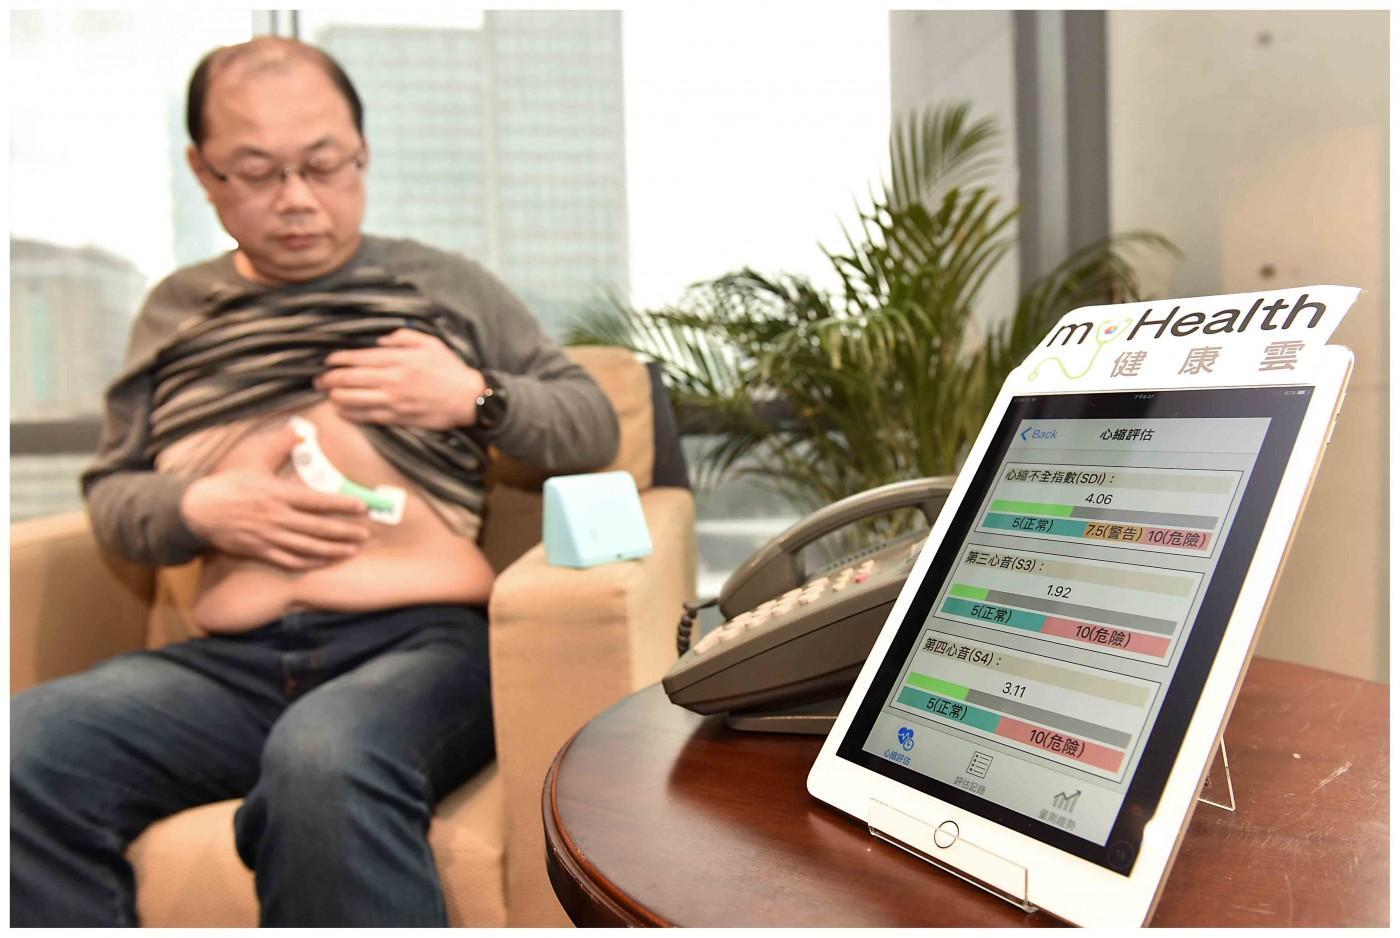 電信業攻智慧醫療,台灣大推健康雲平台,鎖定心臟健康管理